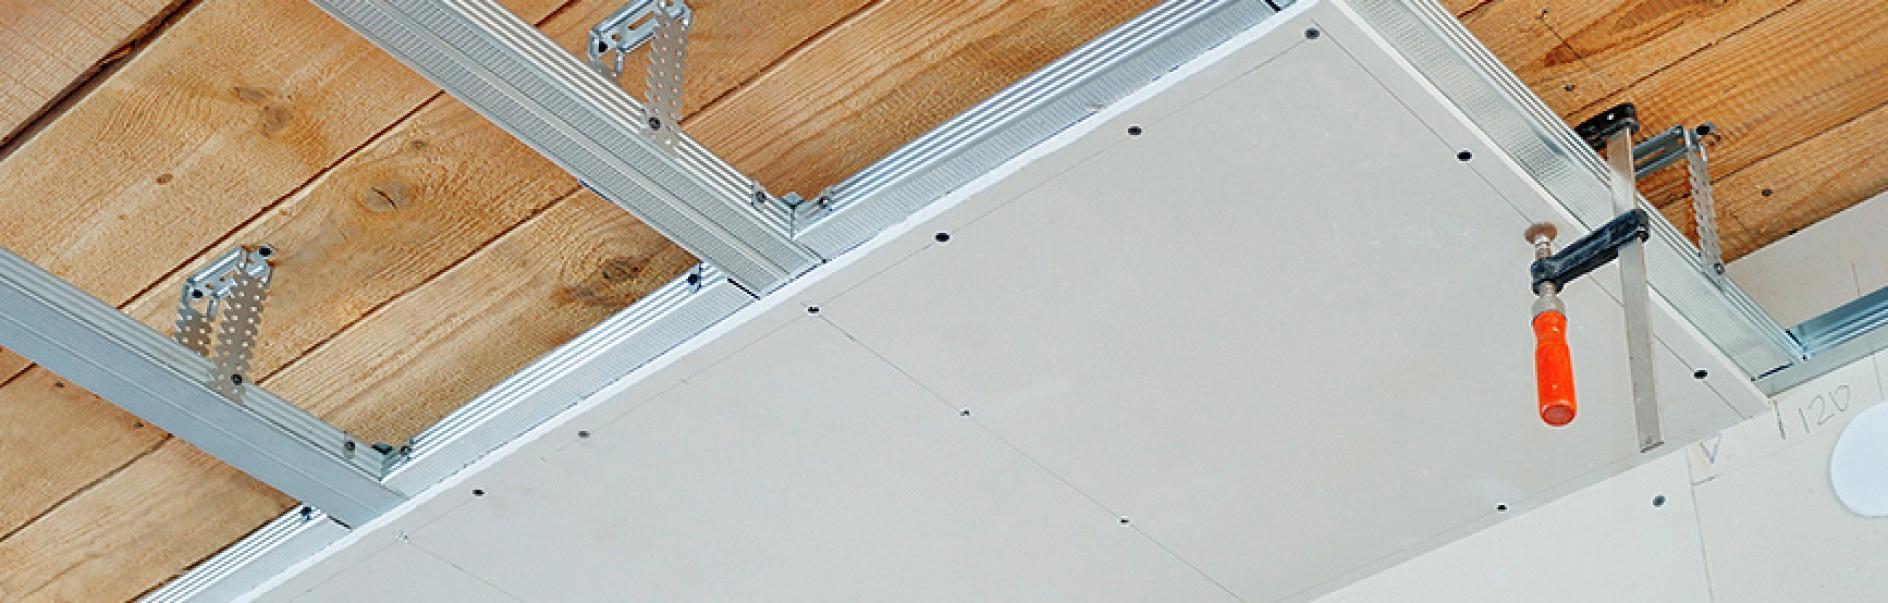 Super Zelf een verlaagd plafond maken MQ07